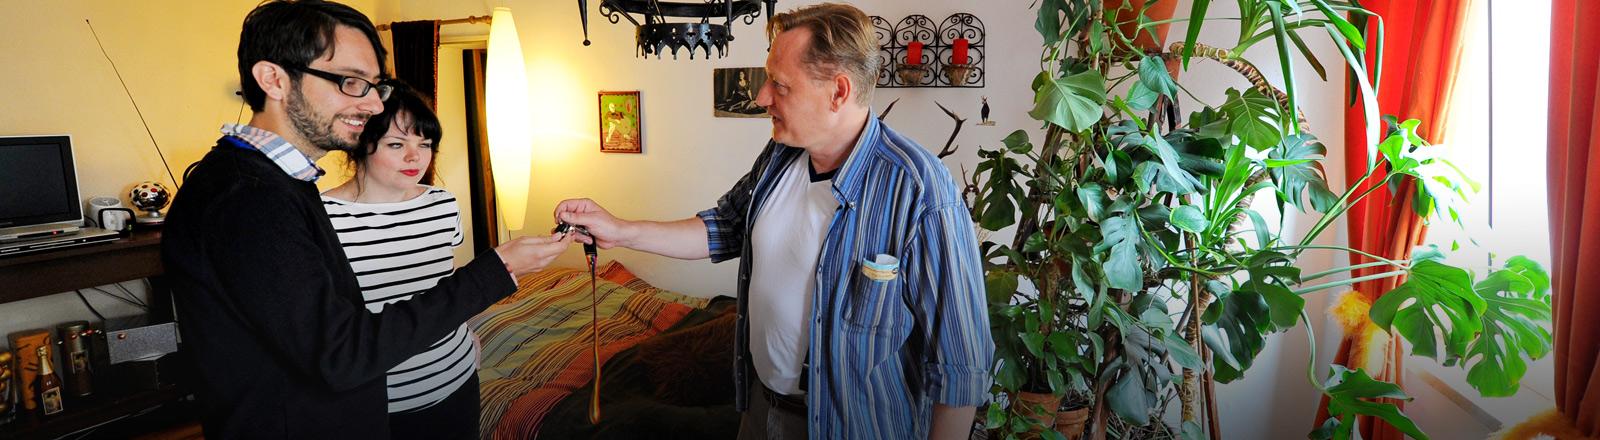 Eine über die Plattform Airbnb vermittelte Wohnung wird übergeben. Der Vermieter überreicht den Mietern den Schlüssel.